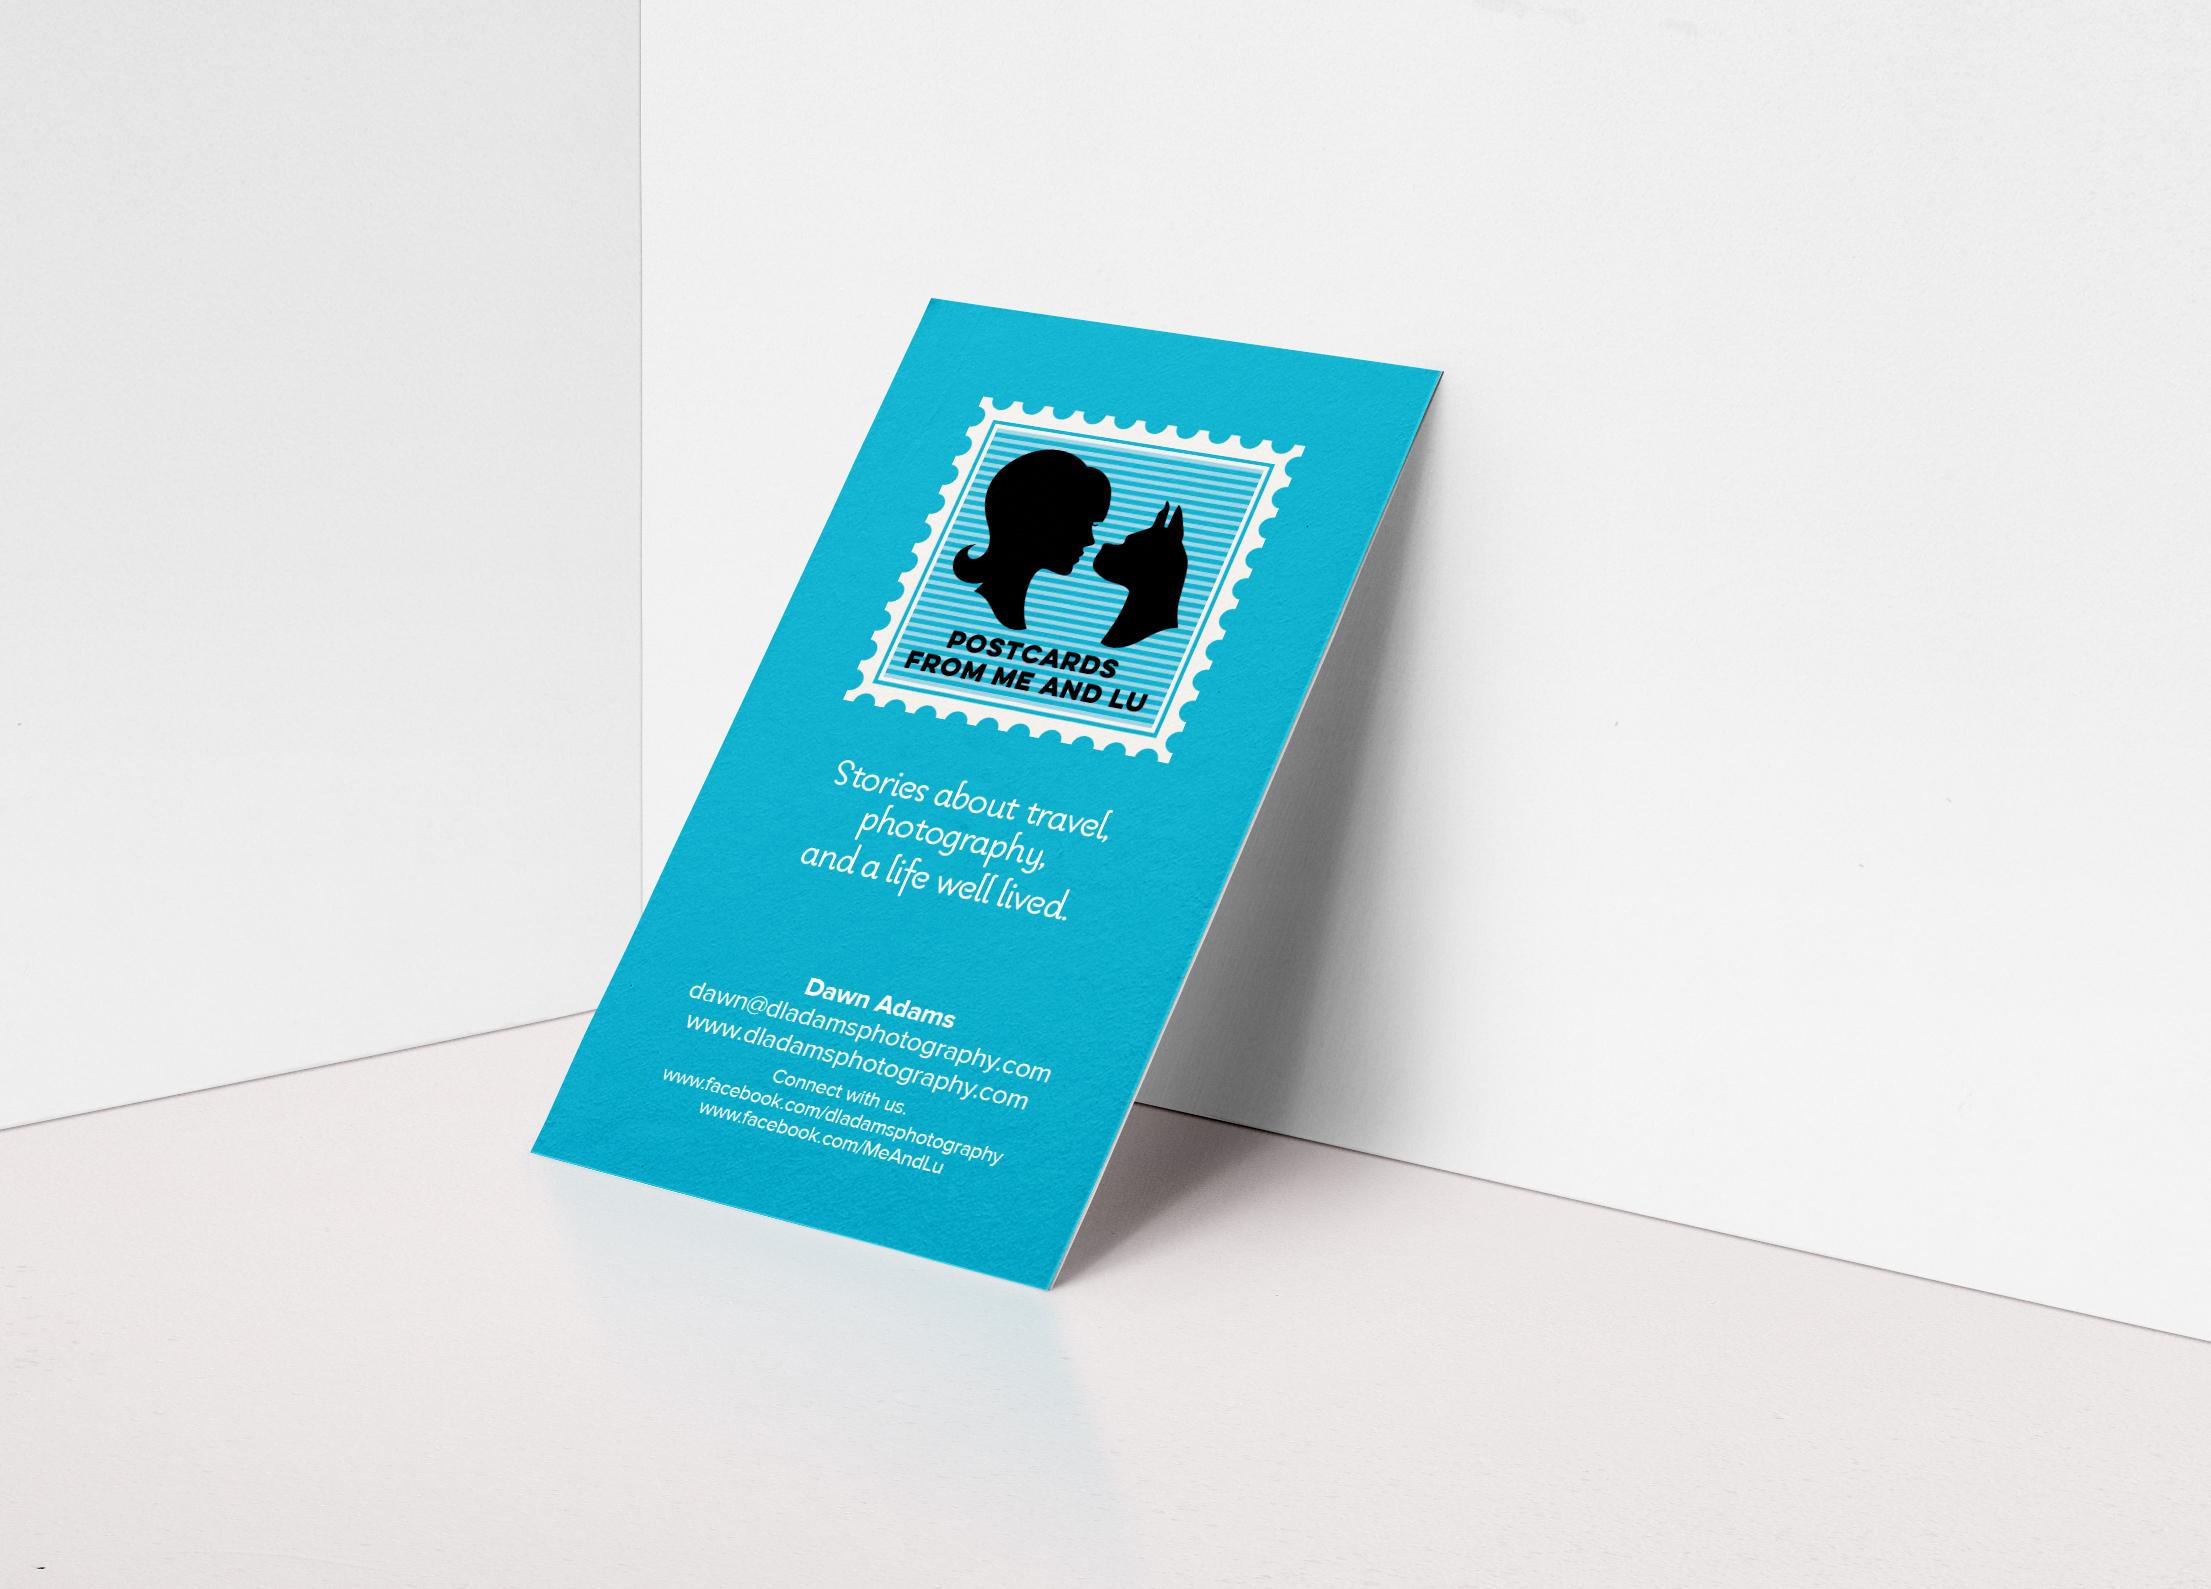 PFML_Business-Card-Mockup-vol-27_1.jpg